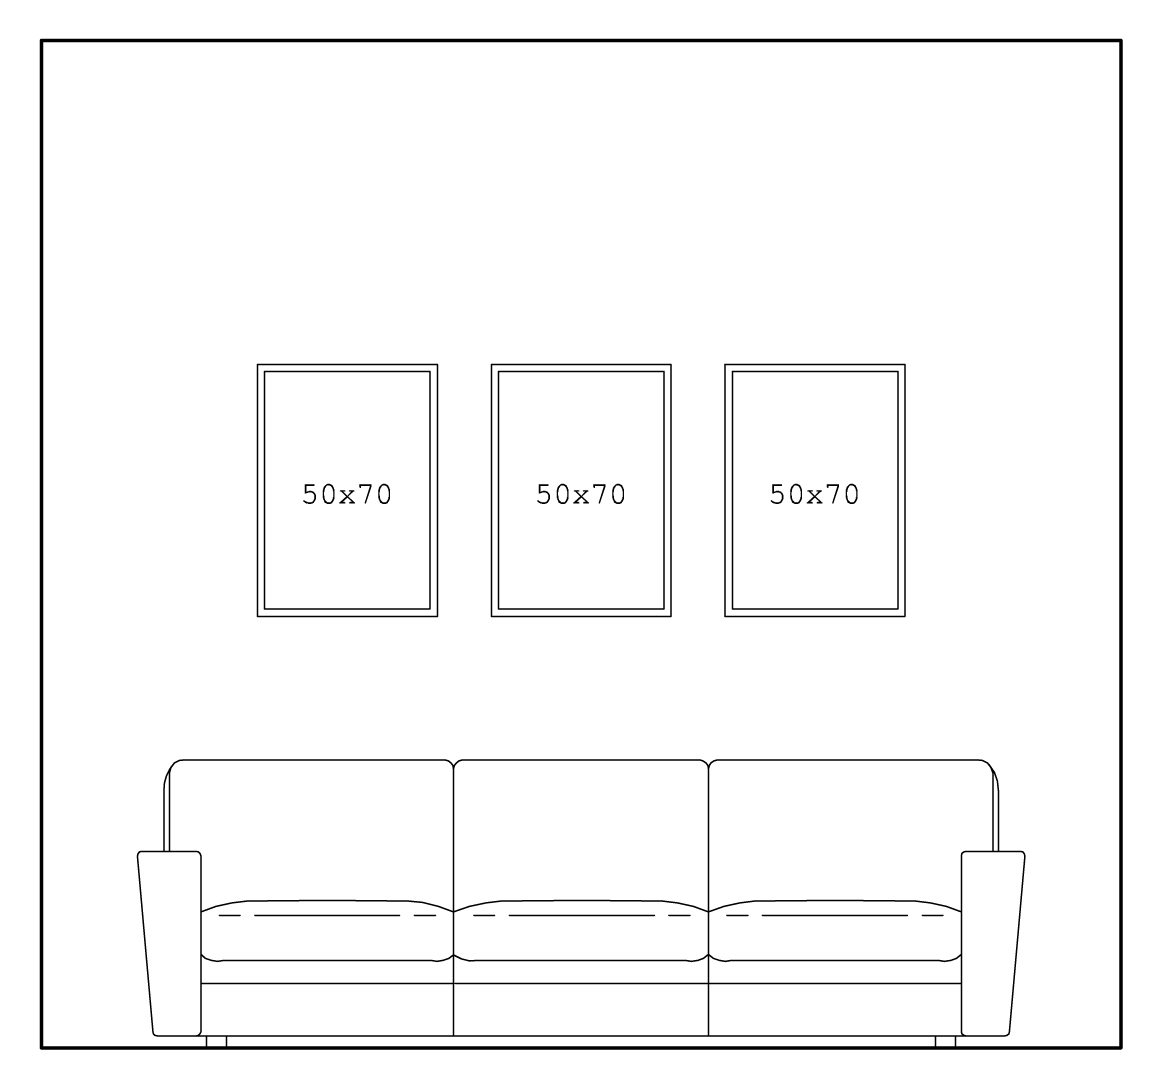 Come avere una casa pi ordinata e rilassante grazie alla - Disposizione stanze in una casa ...